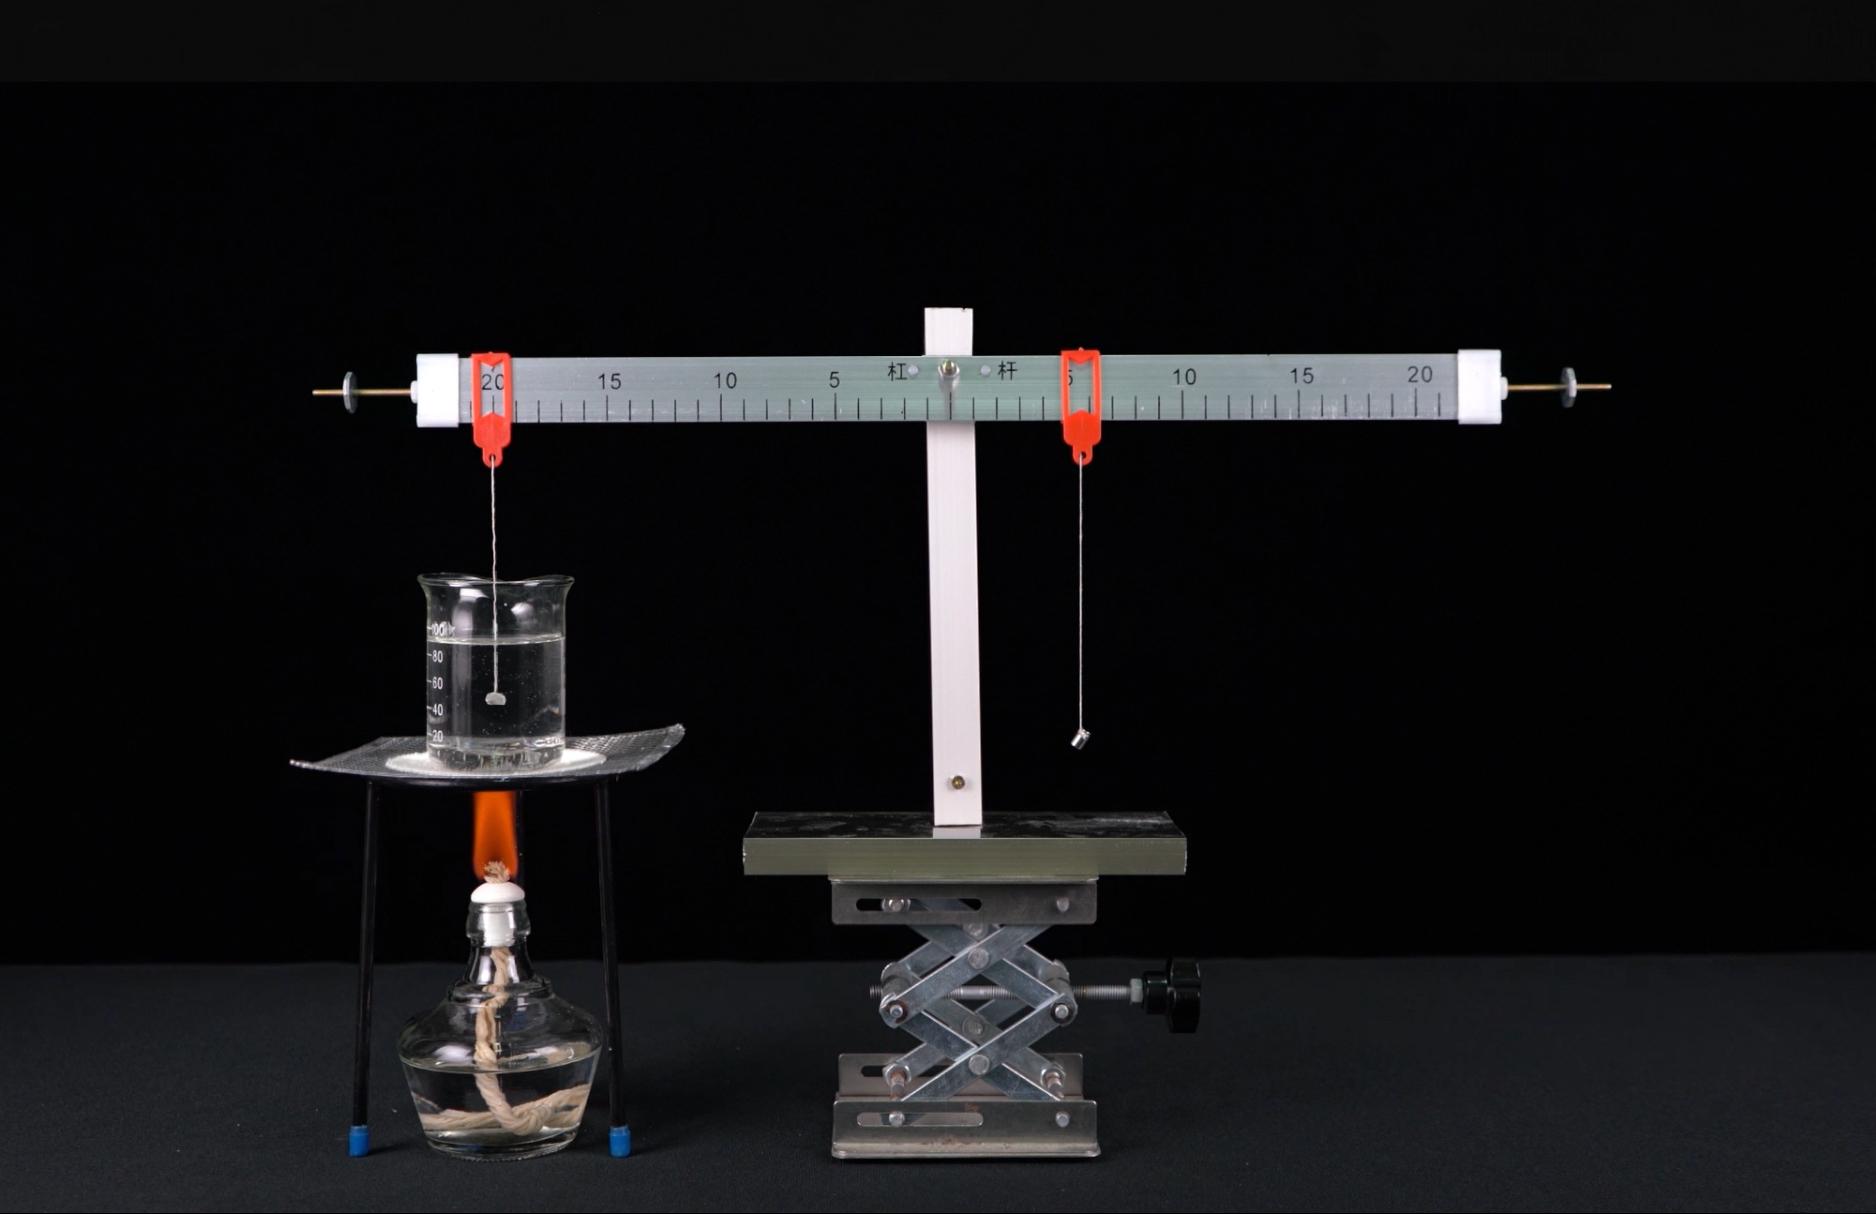 【限时折扣】9.2 蔗糖饱和溶液-【火花学院】人教版九年级化学下册实验演示视频